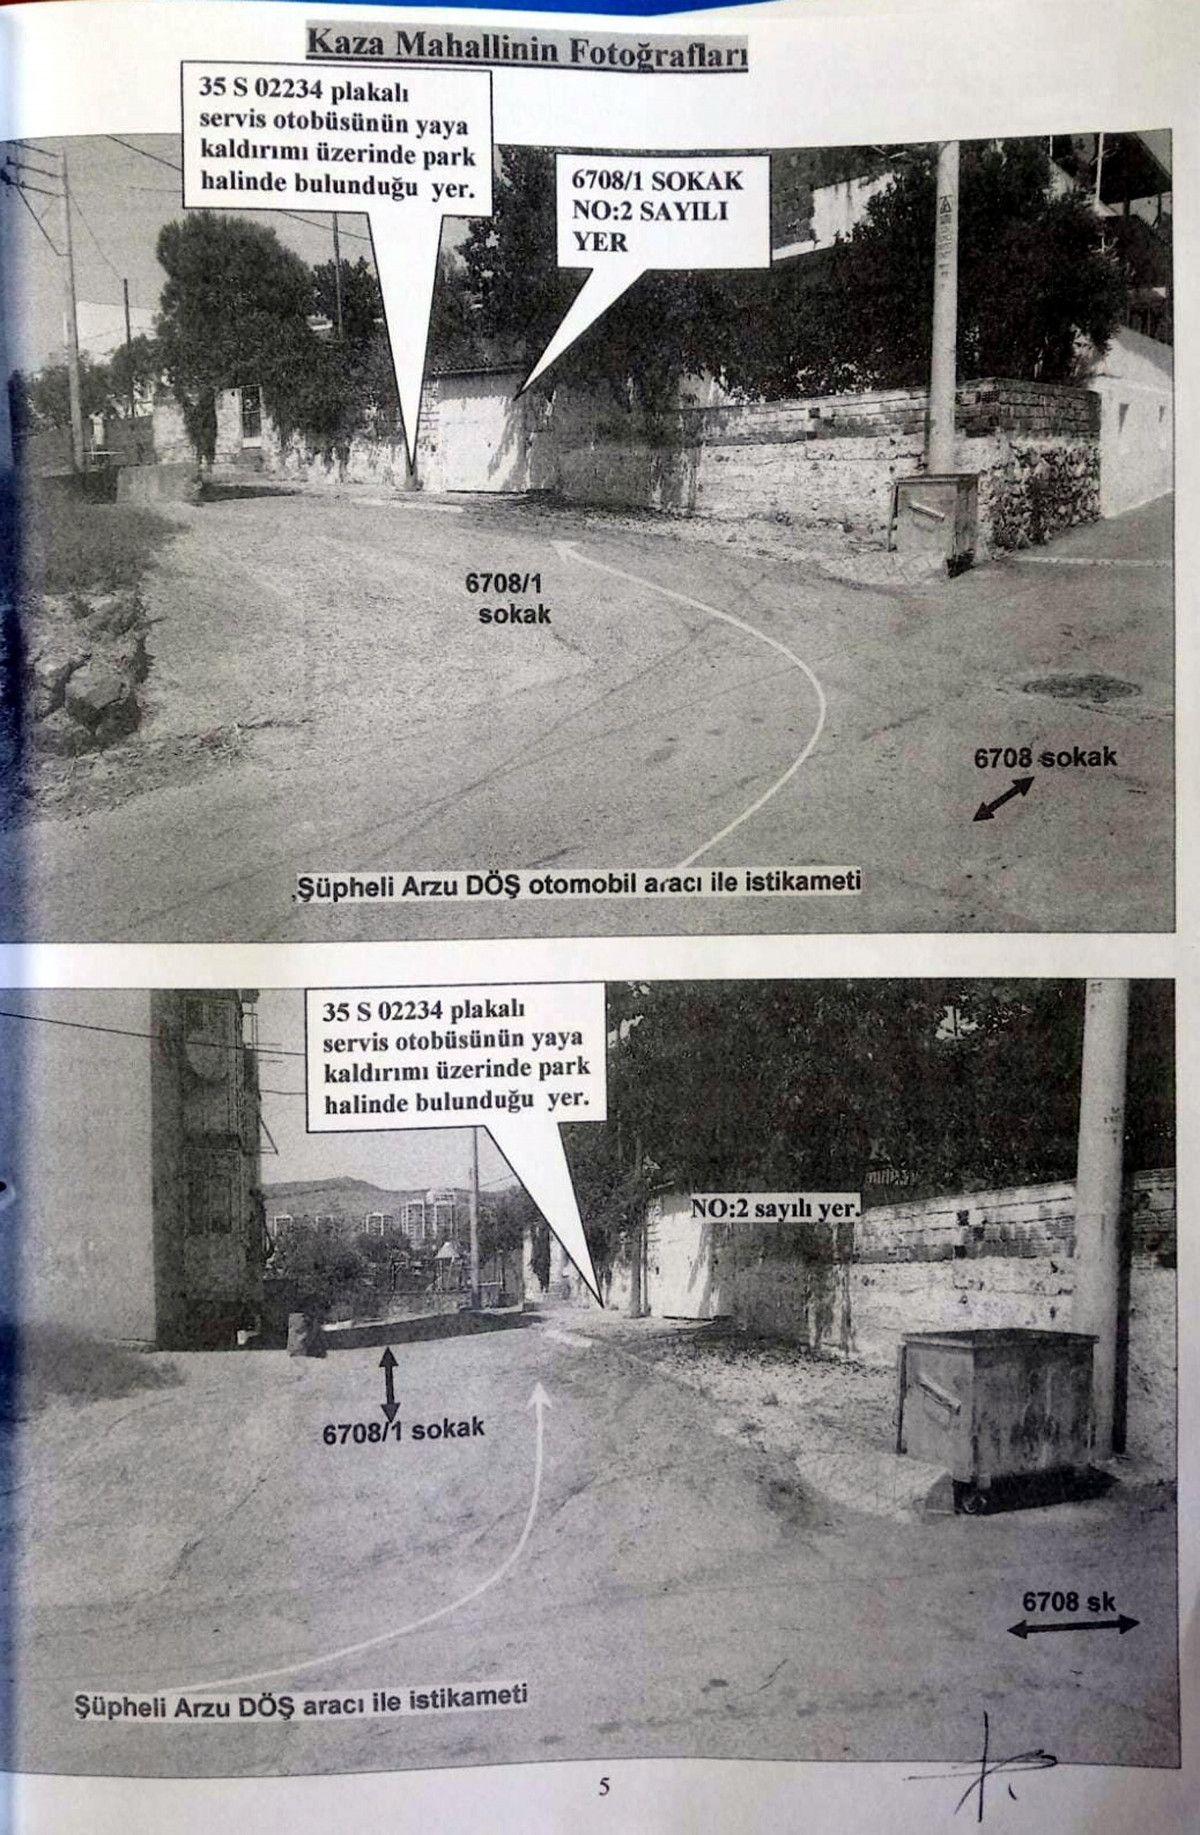 İzmir de ehliyetsiz sürücünün çarptığı 2 yaşındaki Emirhan kusurlu bulundu #1